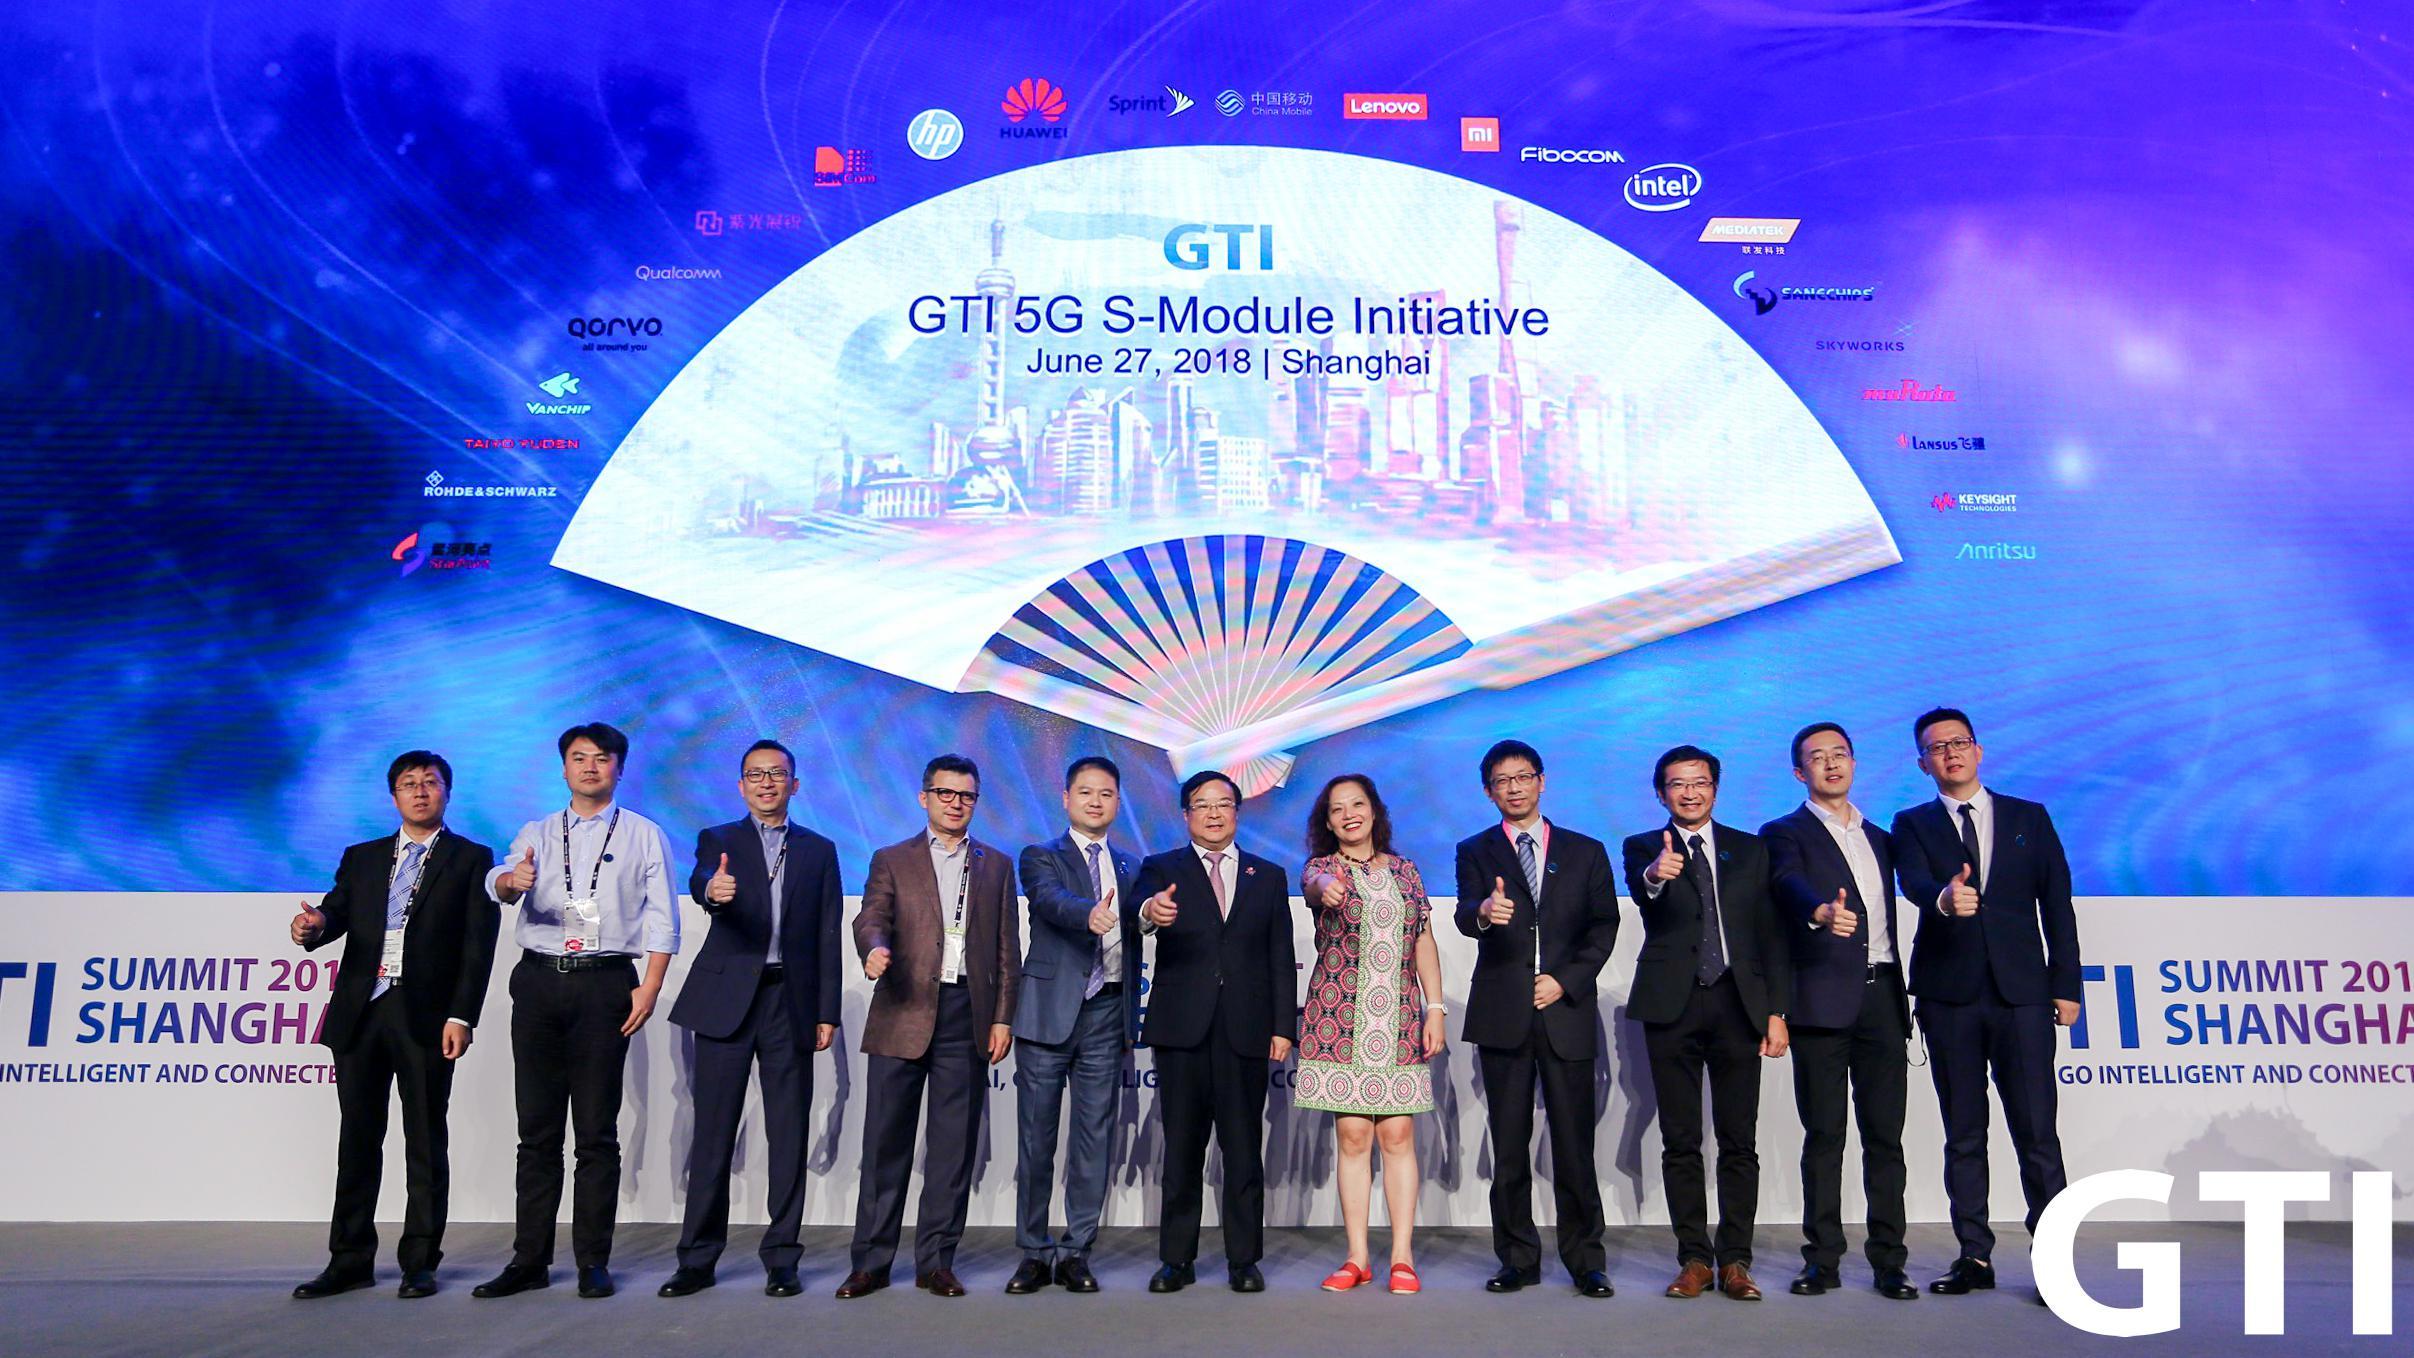 广和通牵头制定5G通用模组标准 开启IoT产业新时代